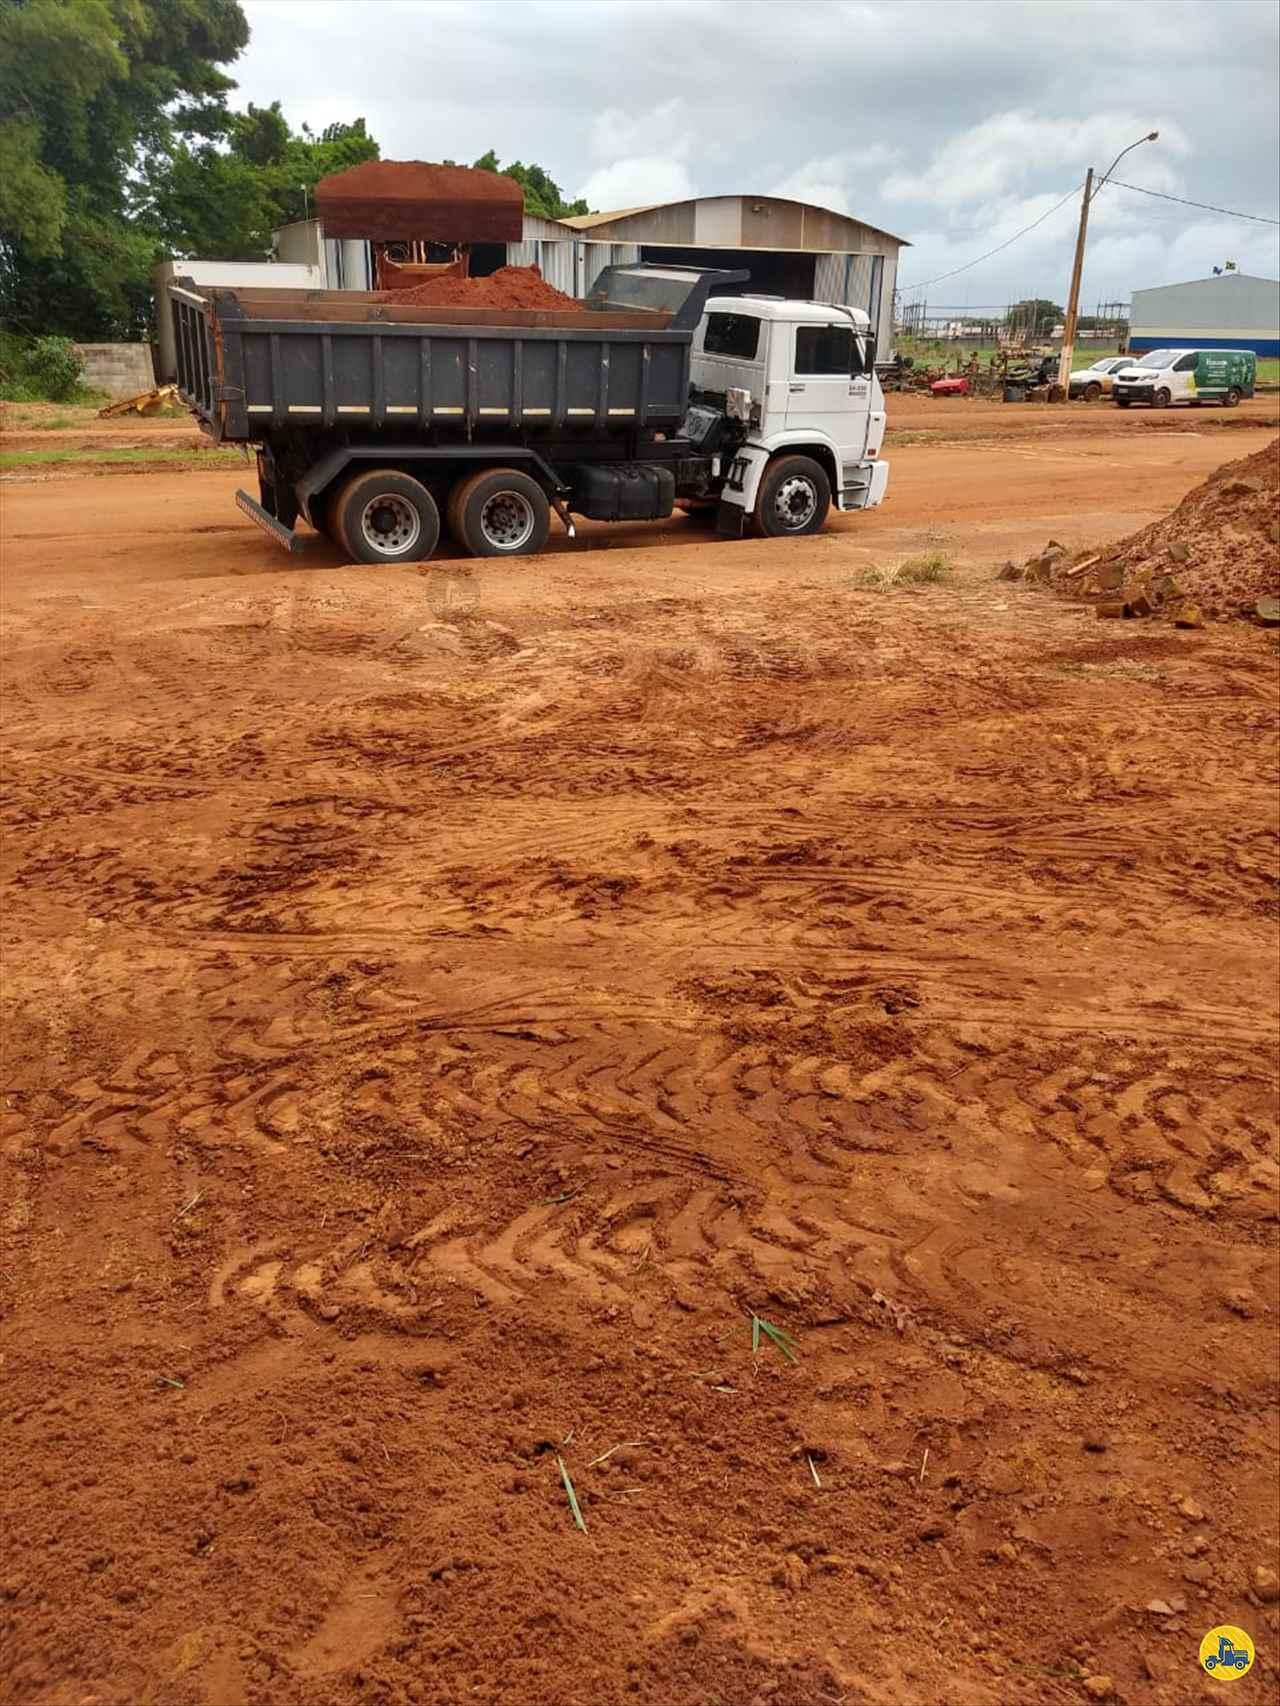 CAMINHAO VOLKSWAGEN VW 24220 Caçamba Basculante Truck 6x2 Usados Rio Verde Caminhões e Carretas RIO VERDE GOIAS GO